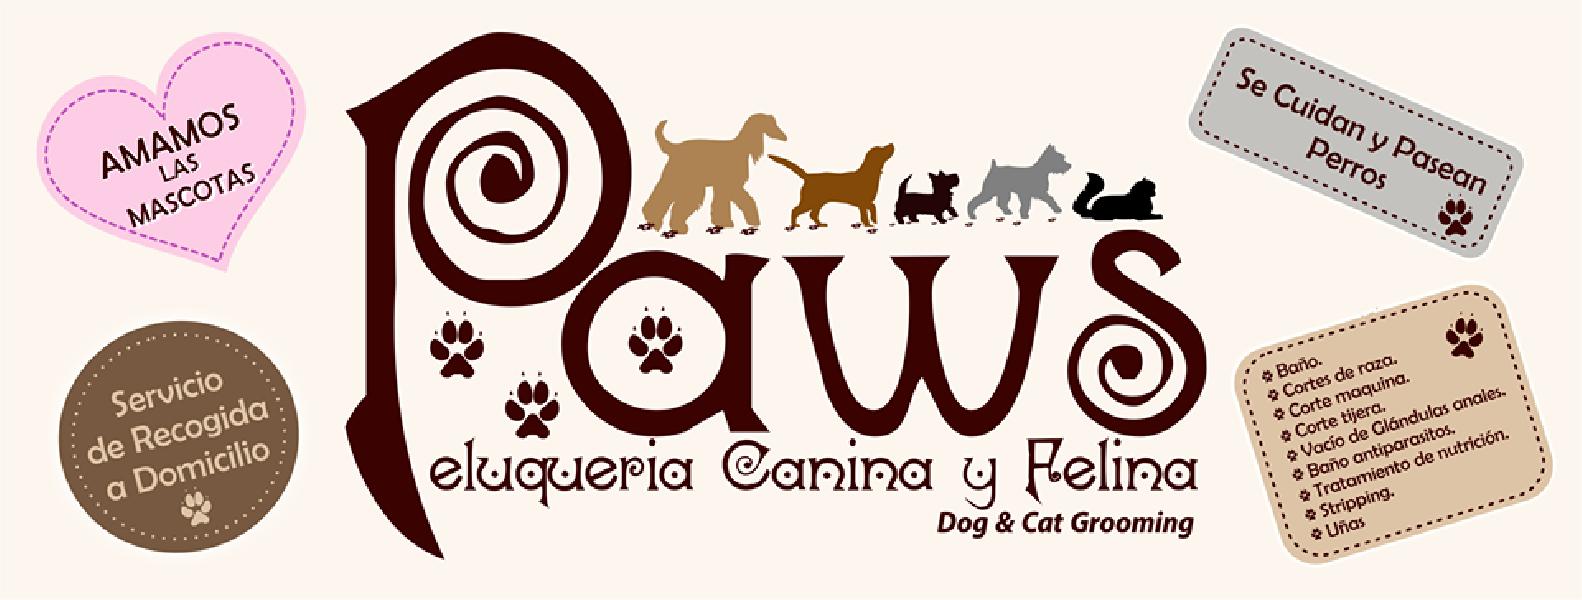 PAWS, Peluquería canina y felina